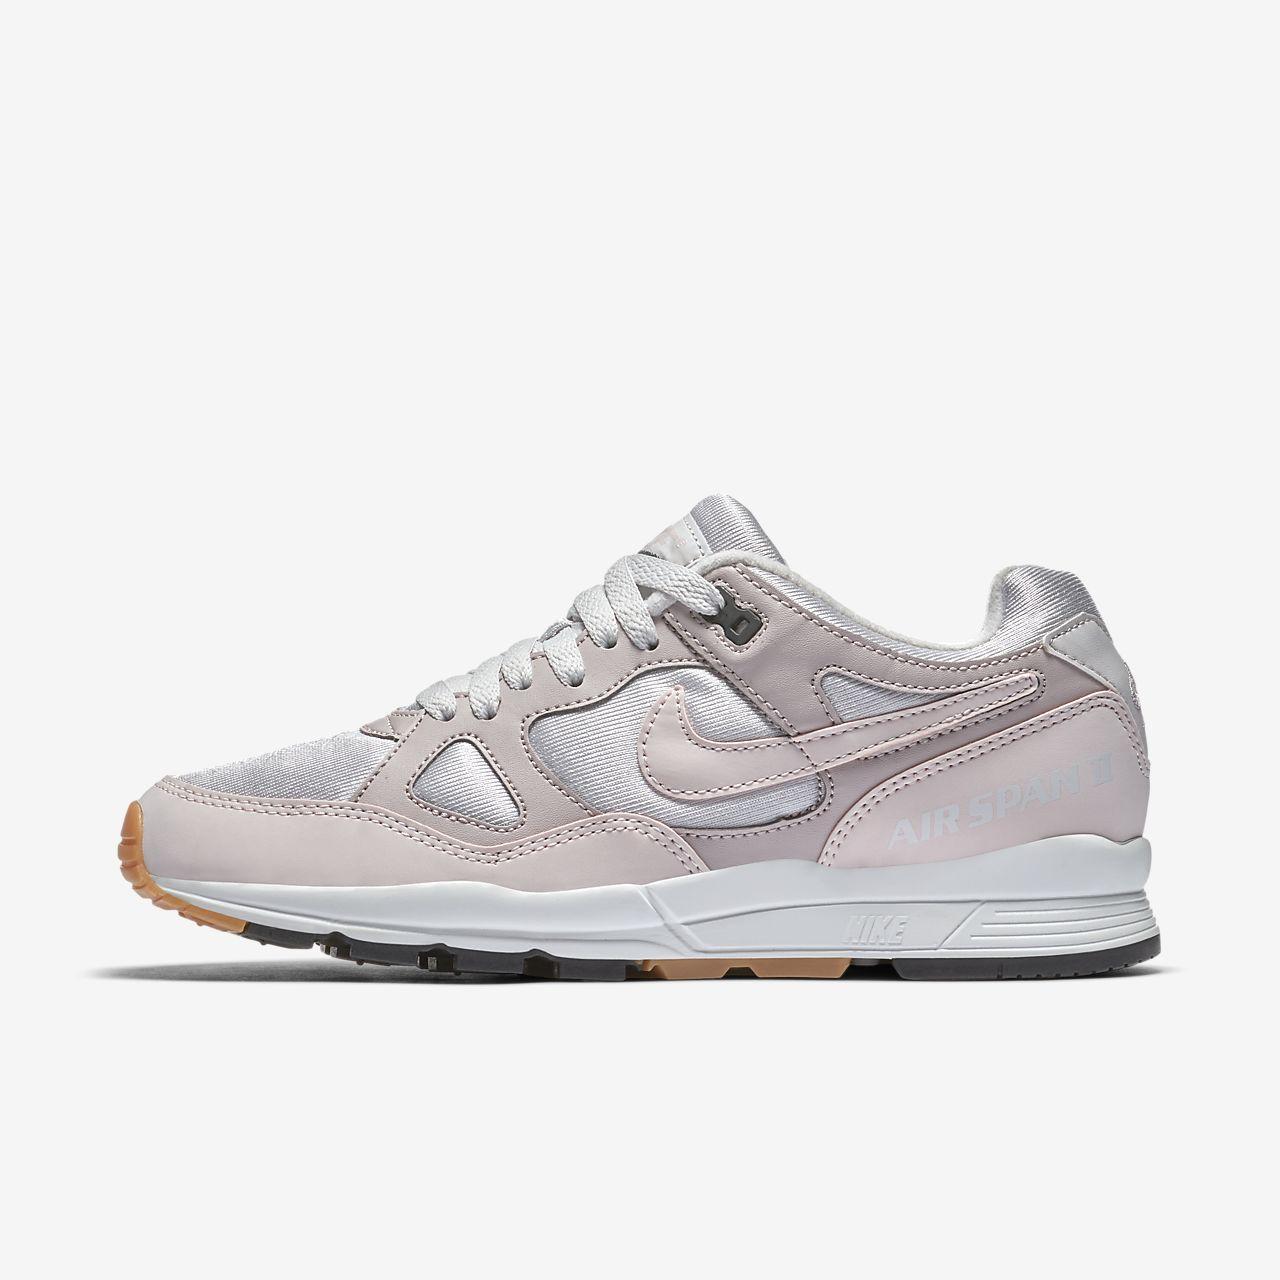 ba2df07b8384b Nike Air Span II Women's Shoe. Nike.com SE